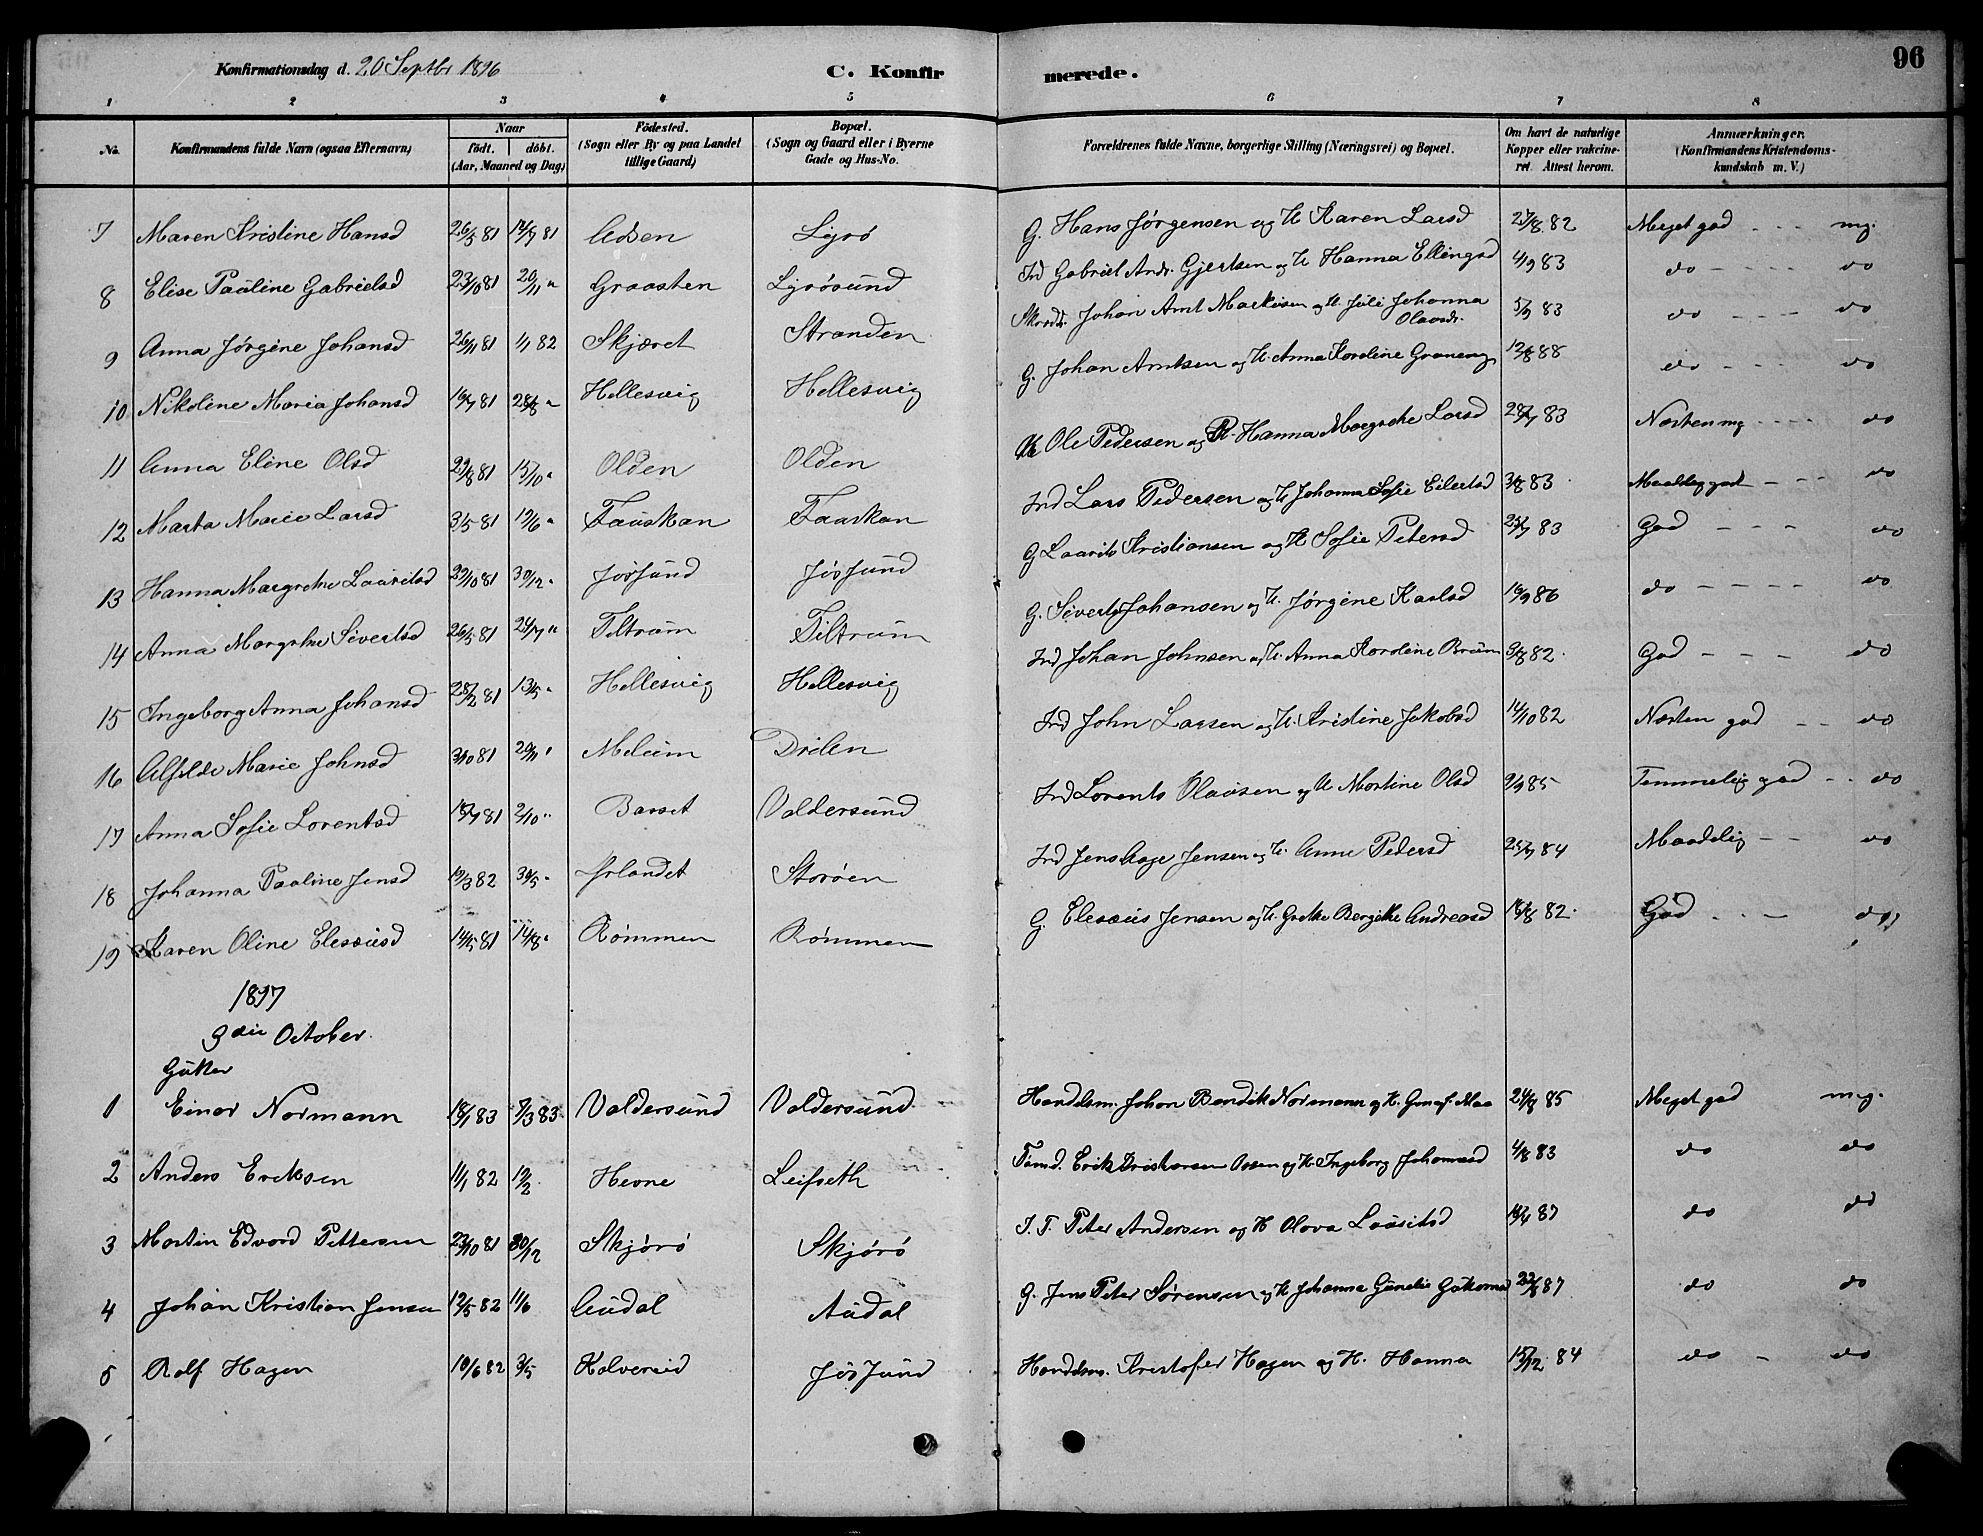 SAT, Ministerialprotokoller, klokkerbøker og fødselsregistre - Sør-Trøndelag, 654/L0665: Klokkerbok nr. 654C01, 1879-1901, s. 96